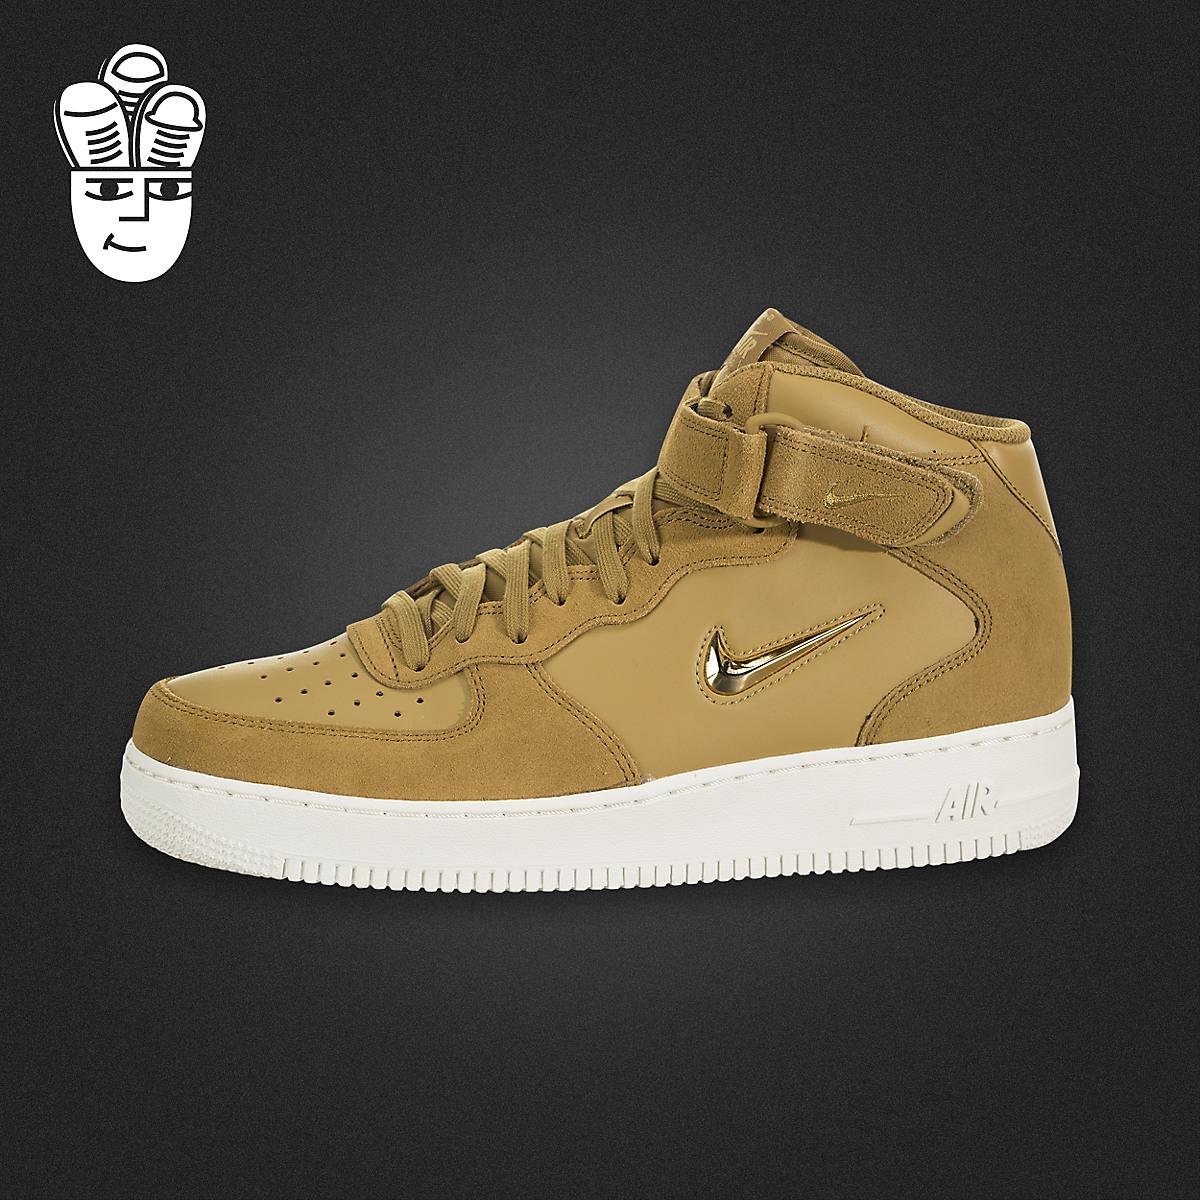 Nike Air Force 1 耐克男鞋 空军一号 中帮休闲板鞋